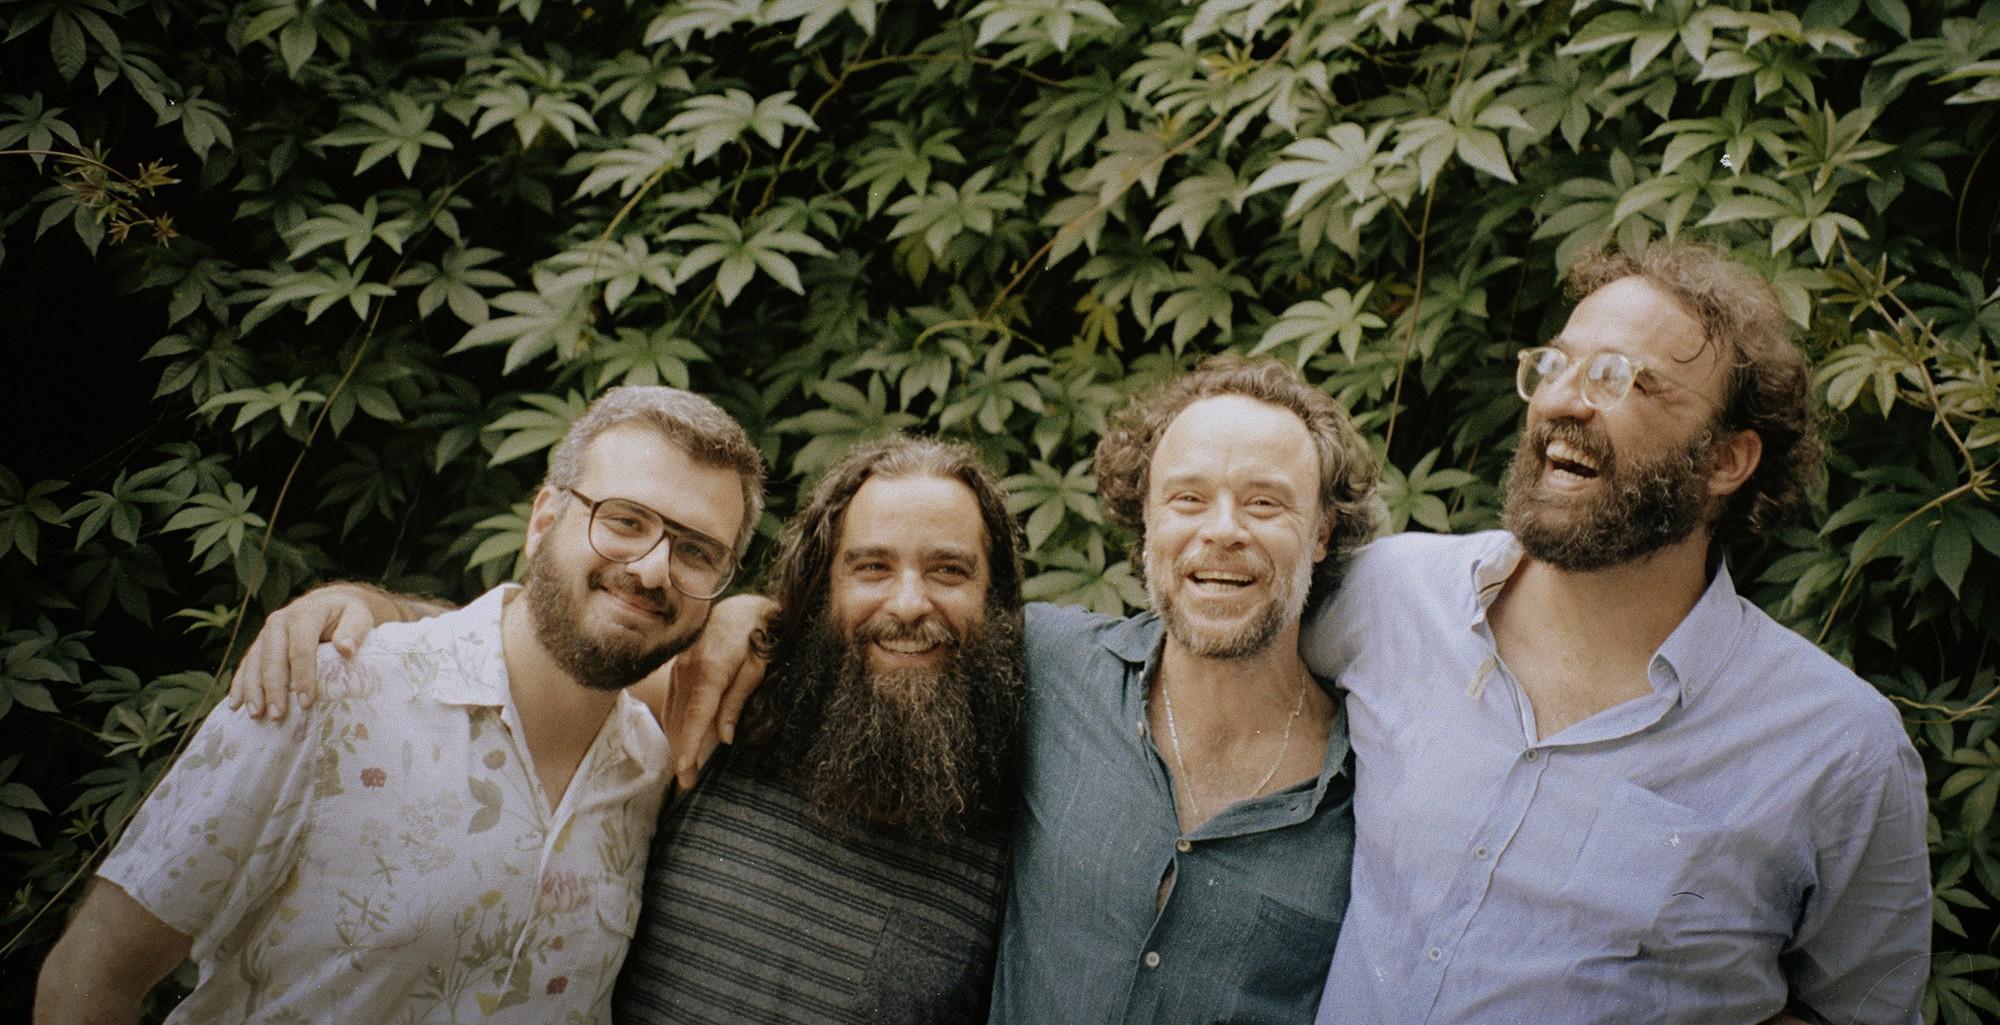 Los Hermanos cancela uma das datas de turnê em Porto Alegre  - Noticias